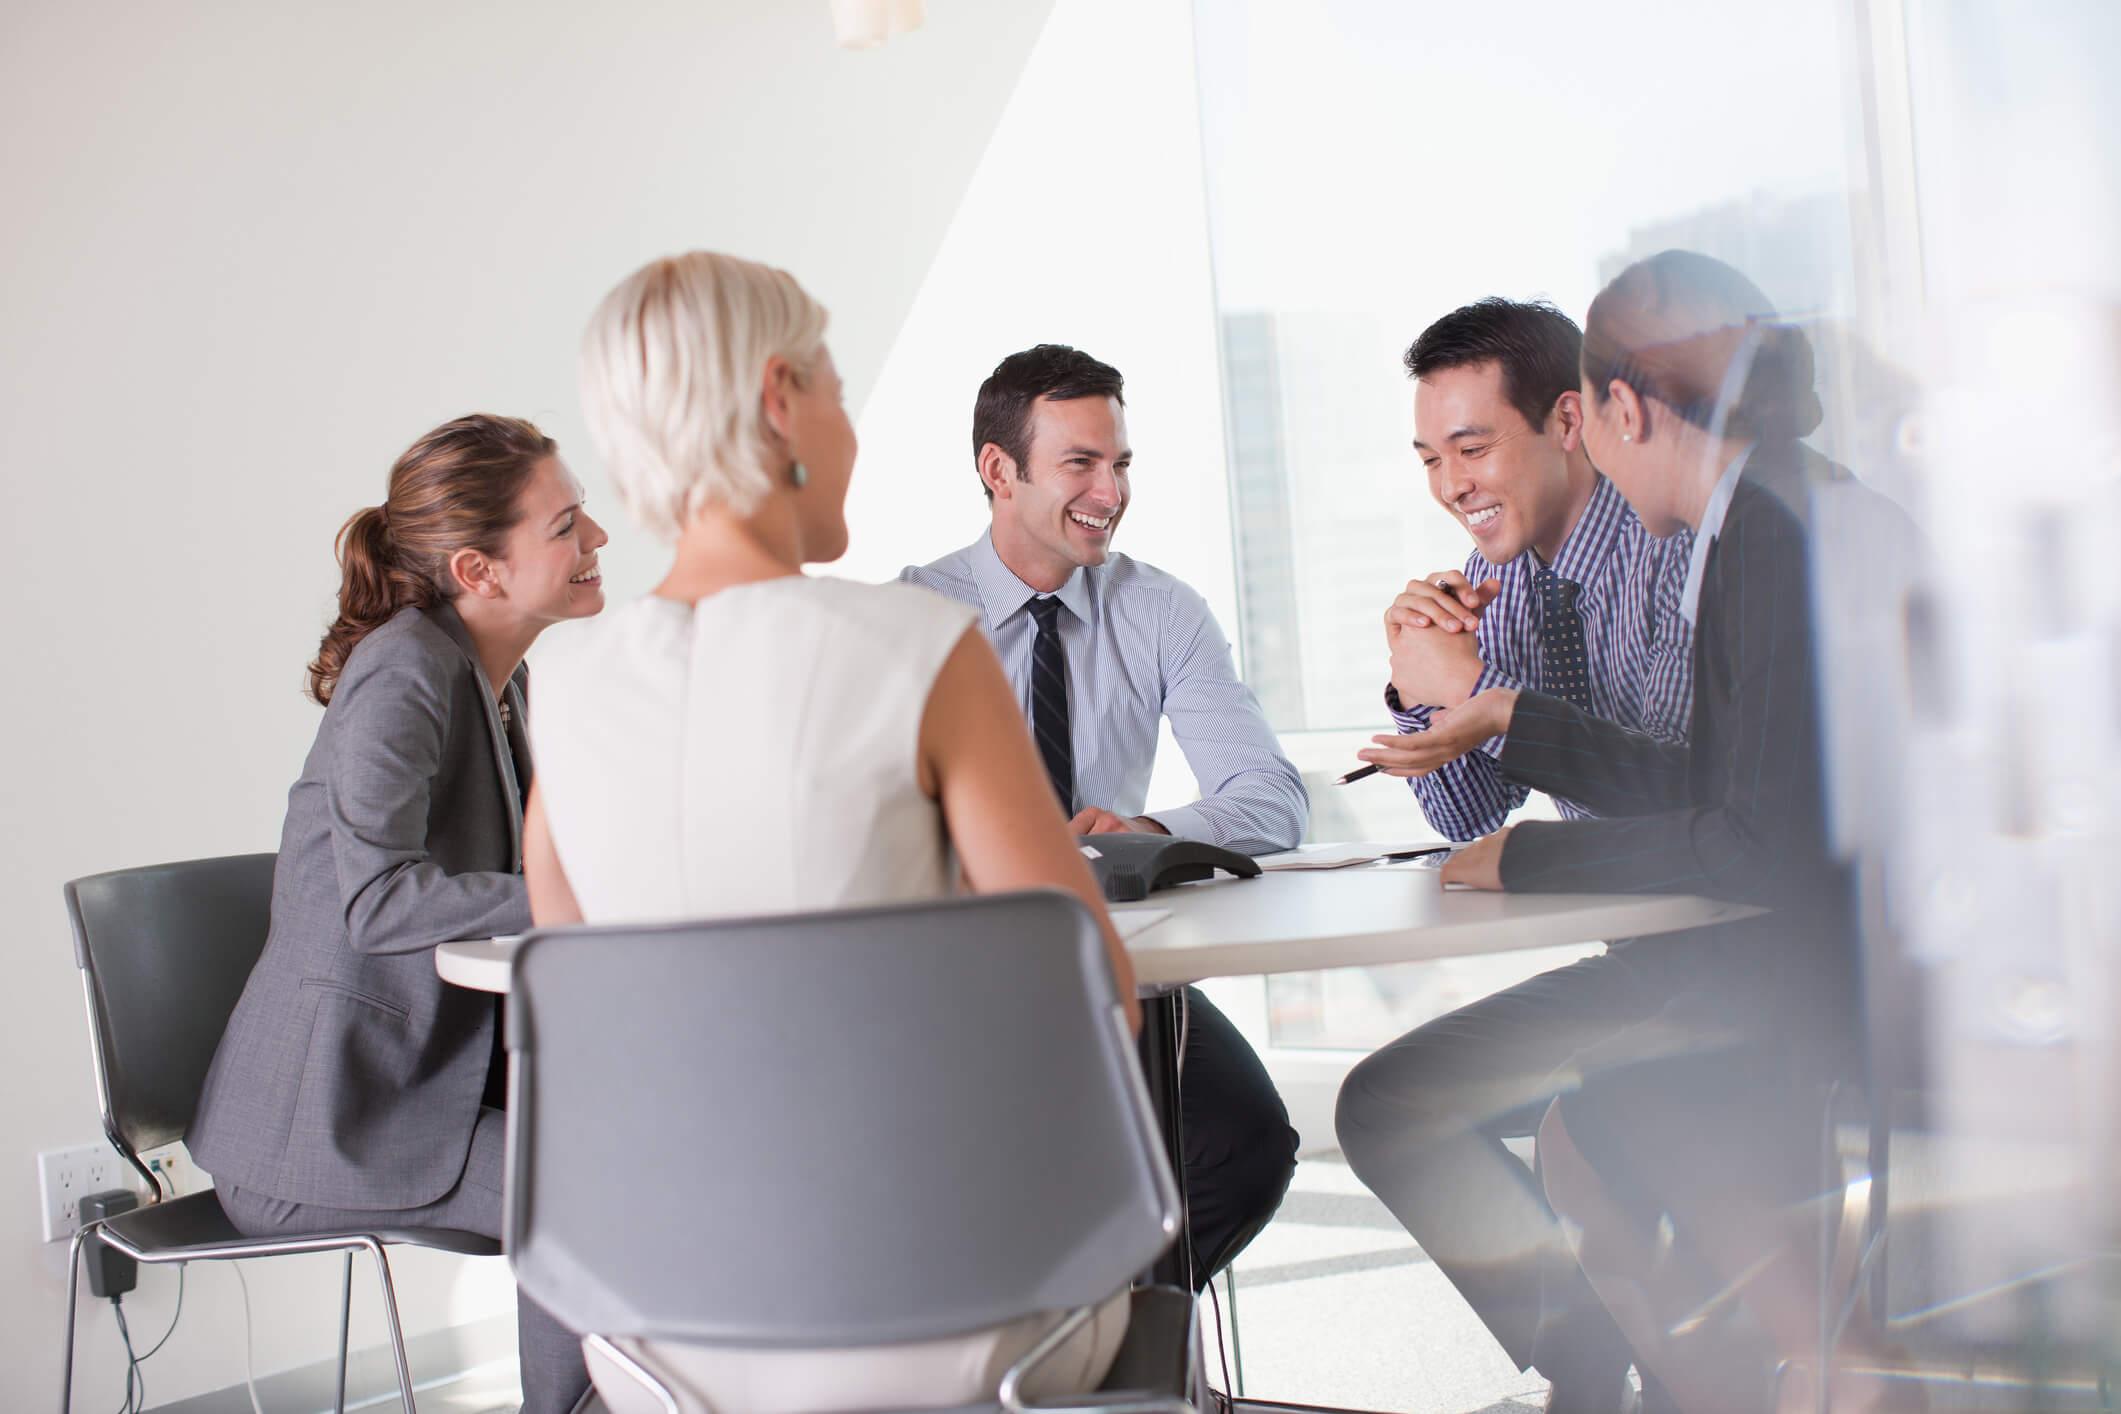 イギリス人従業員と効率的にマネージメント・コミュニケーションをとる方法